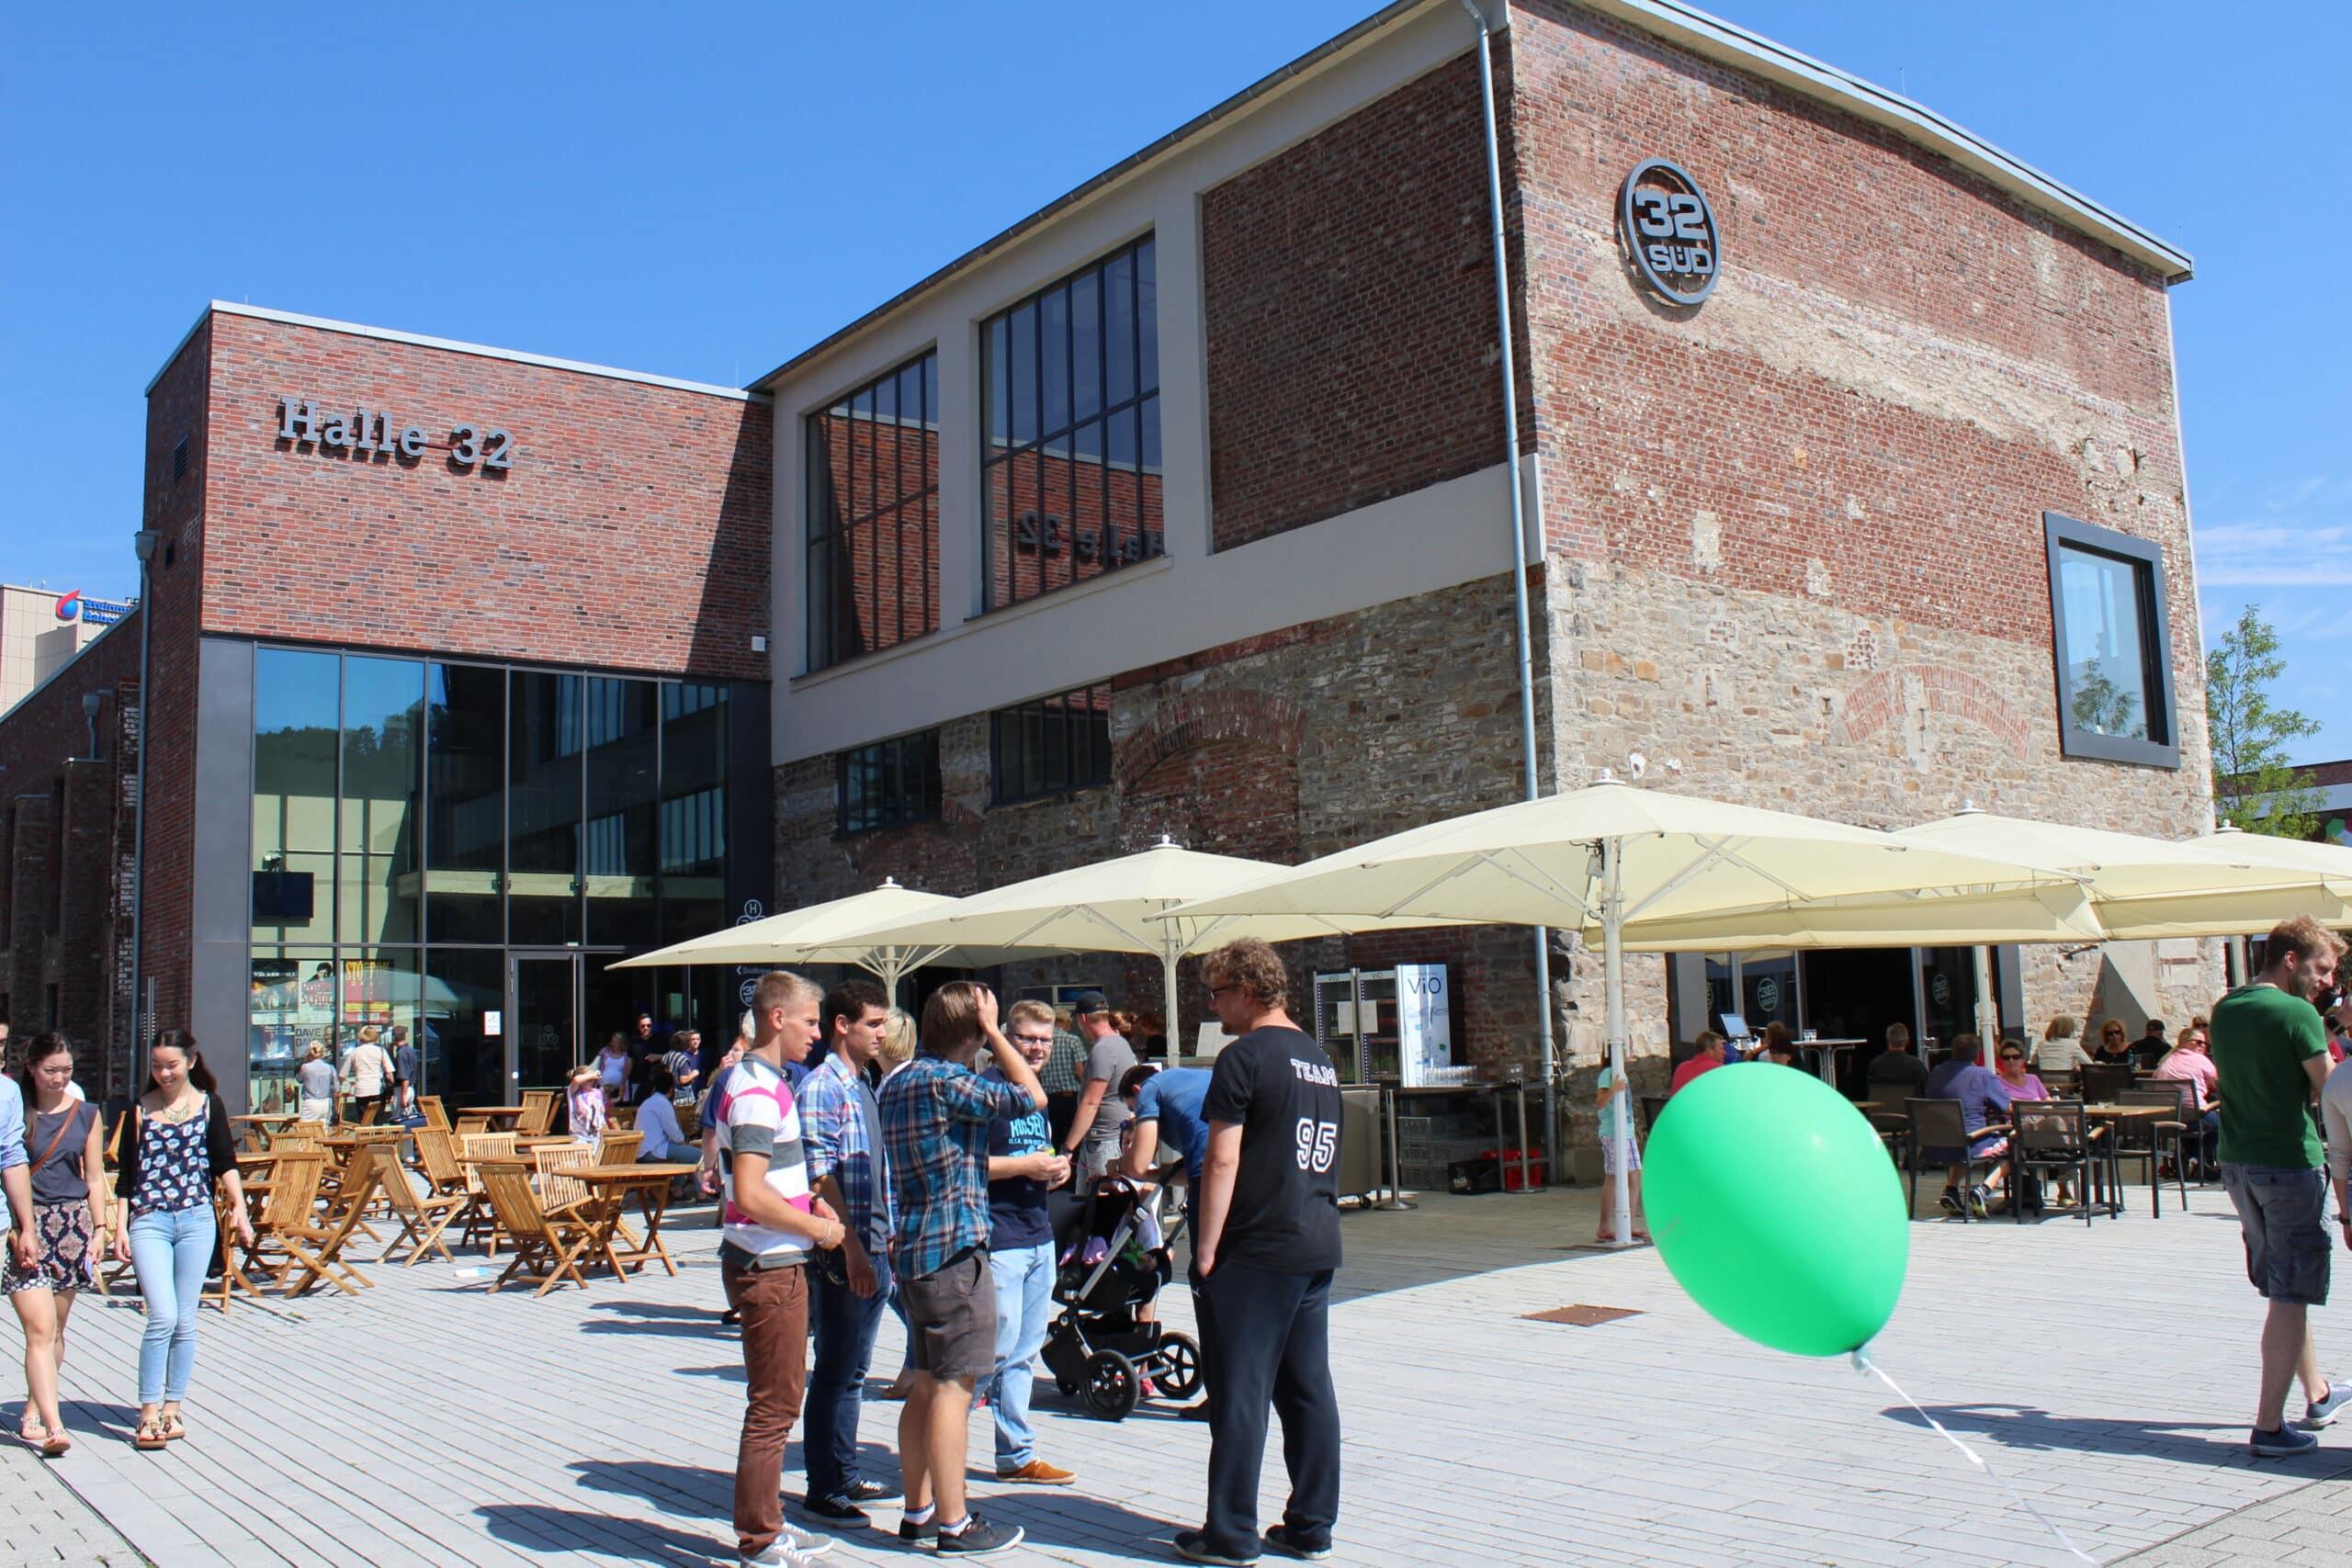 Am Mittwoch tagte die AfD Oberberg in der Halle32.